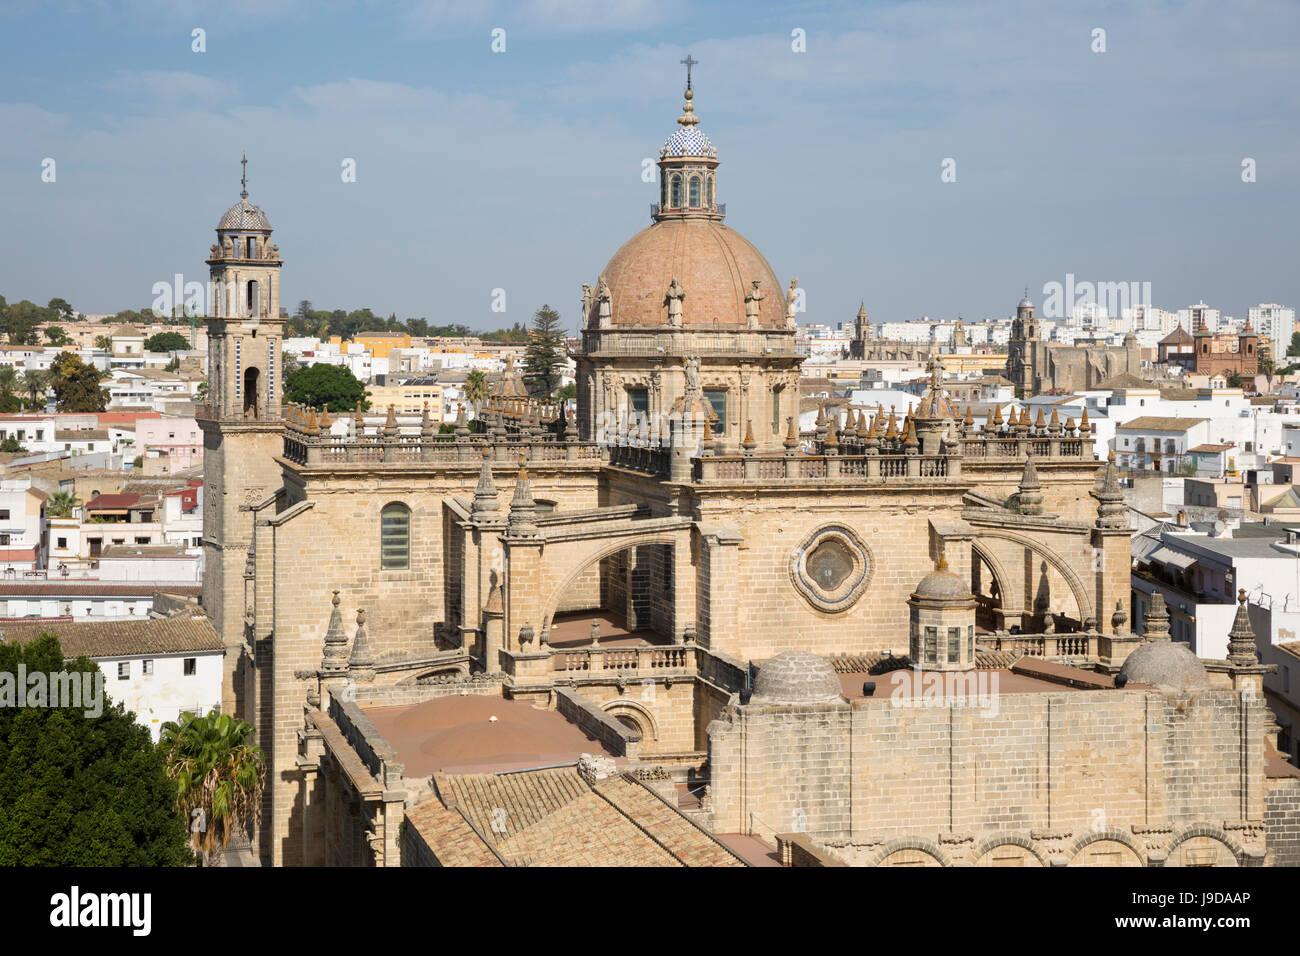 Cathédrale de Jerez de la Frontera, Jerez de la Frontera, province de Cadiz, Andalousie, Espagne, Europe Banque D'Images